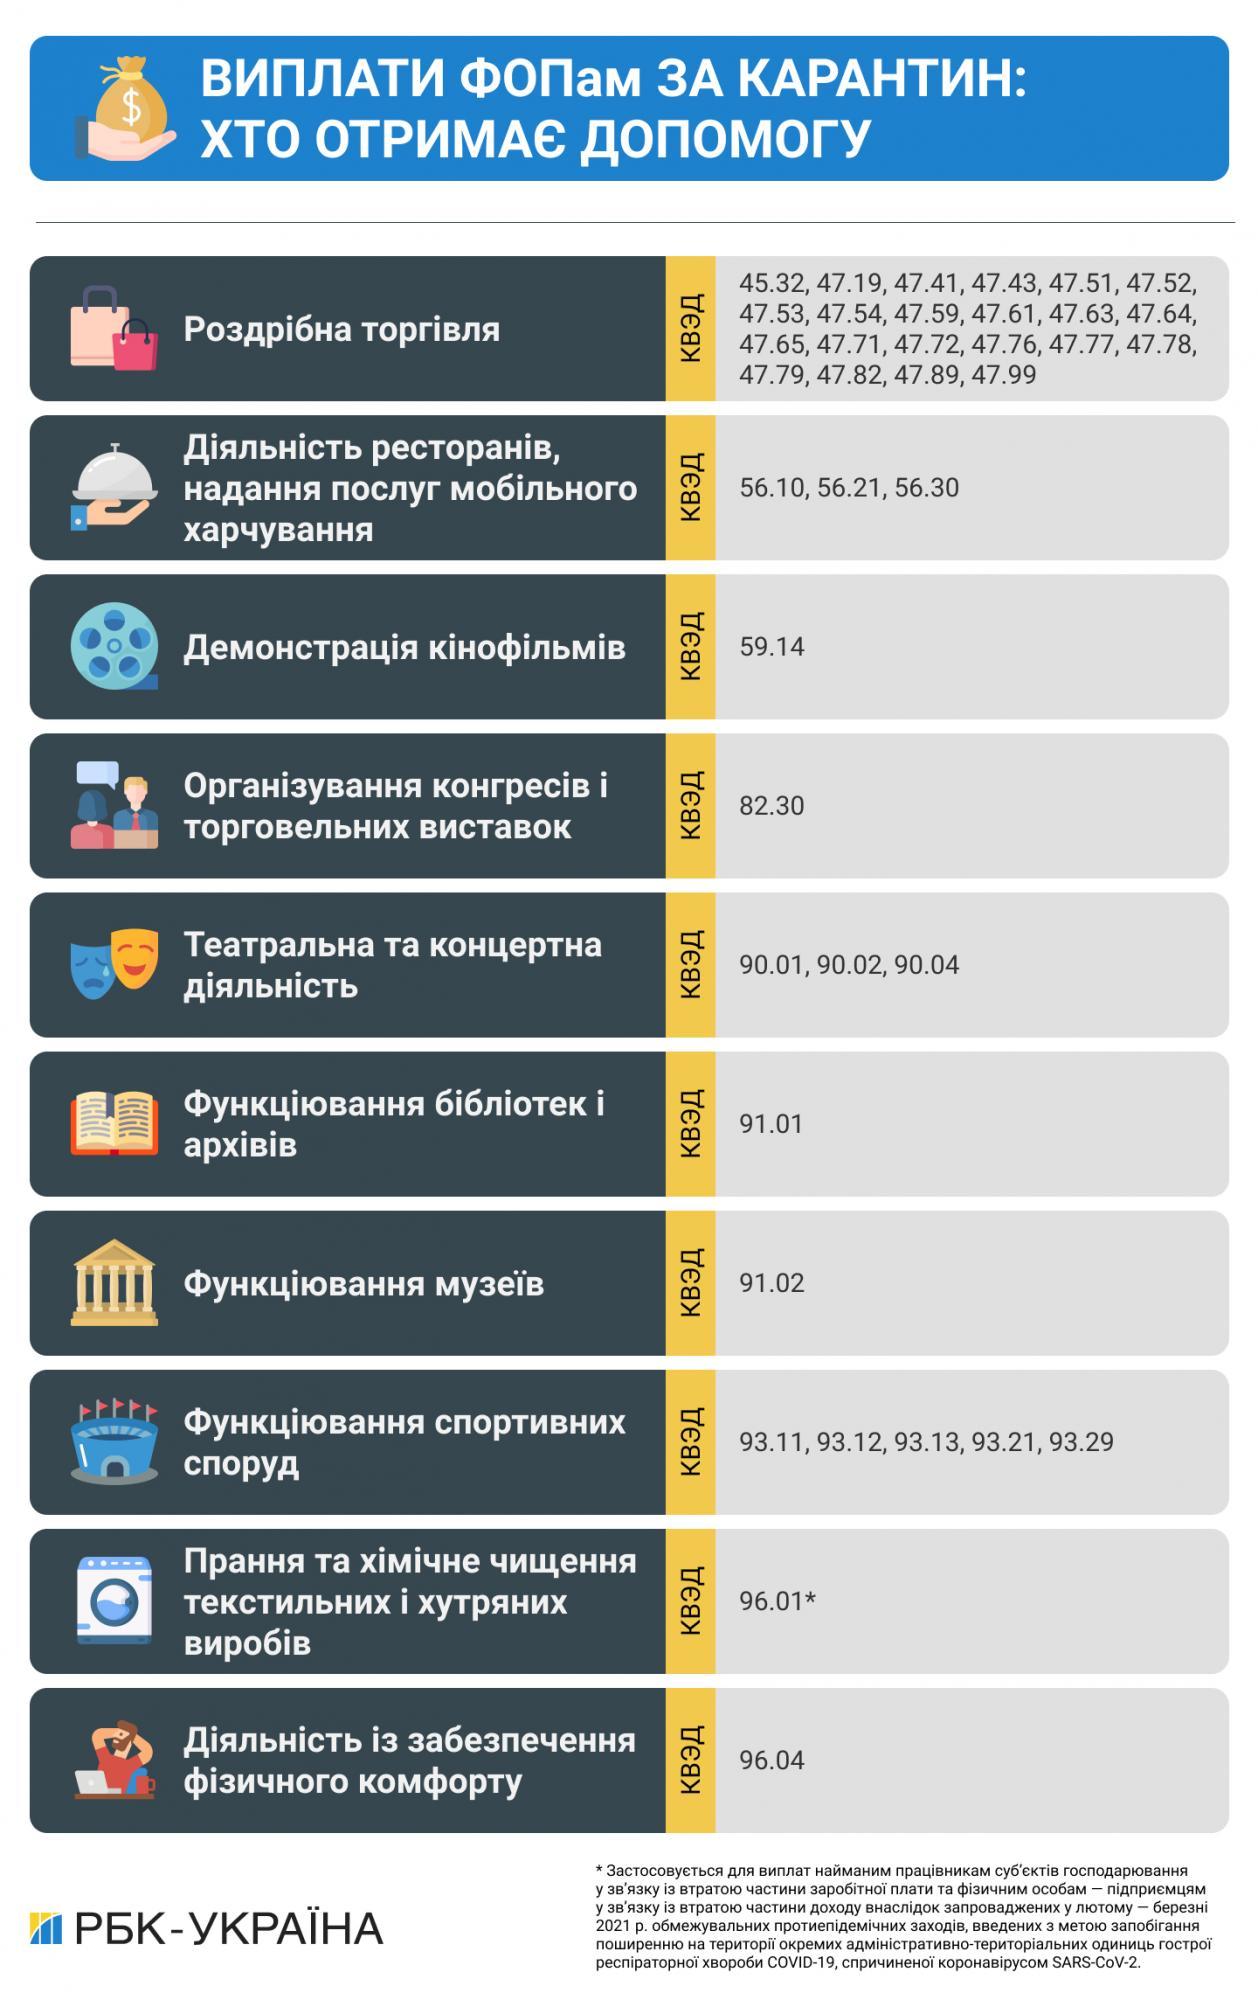 Виплати ФОПам можна оформити вже сьогодні: список КВЕДів